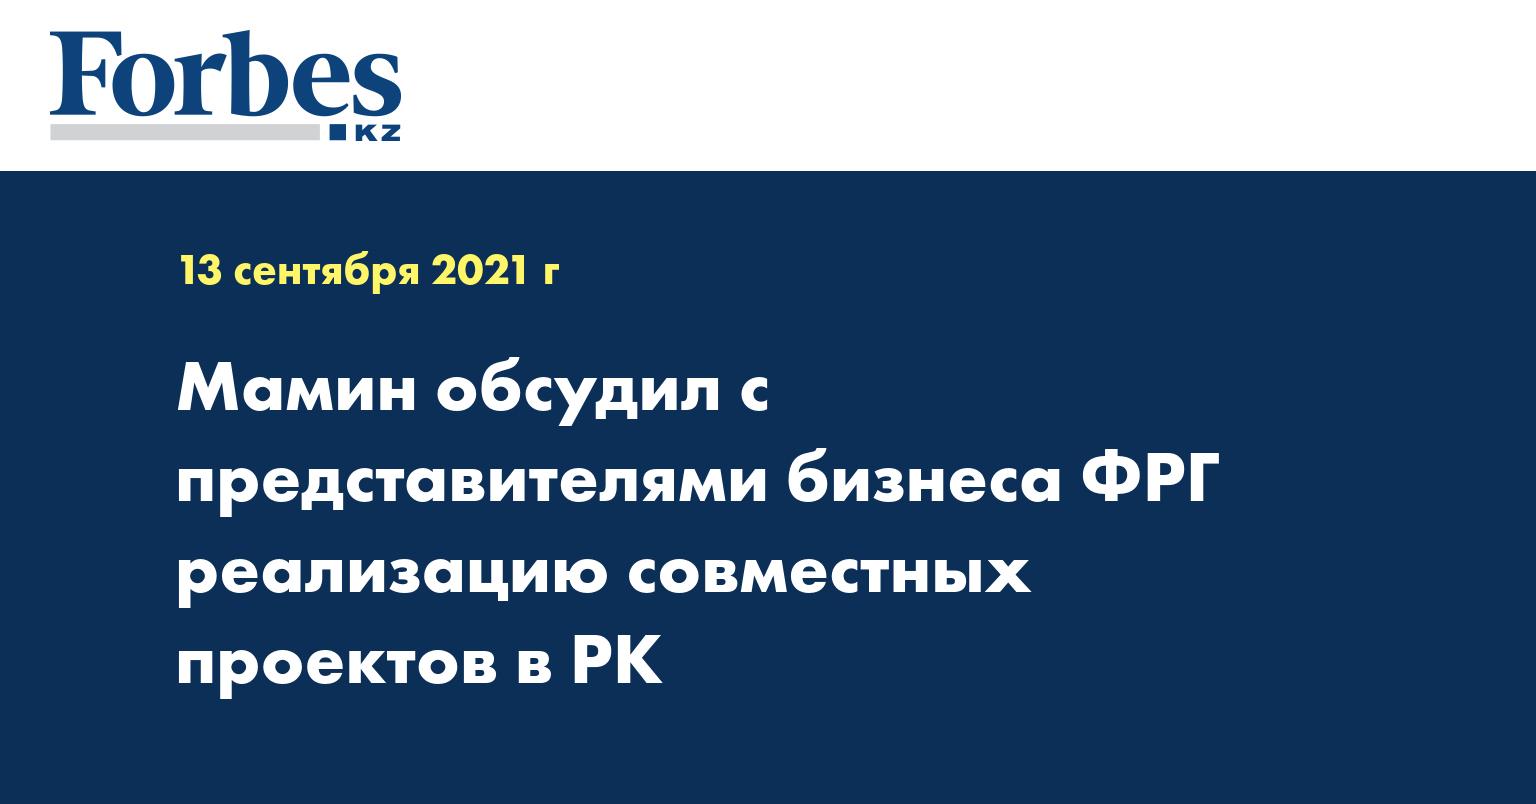 Мамин обсудил с представителями бизнеса ФРГ реализацию совместных проектов в РК